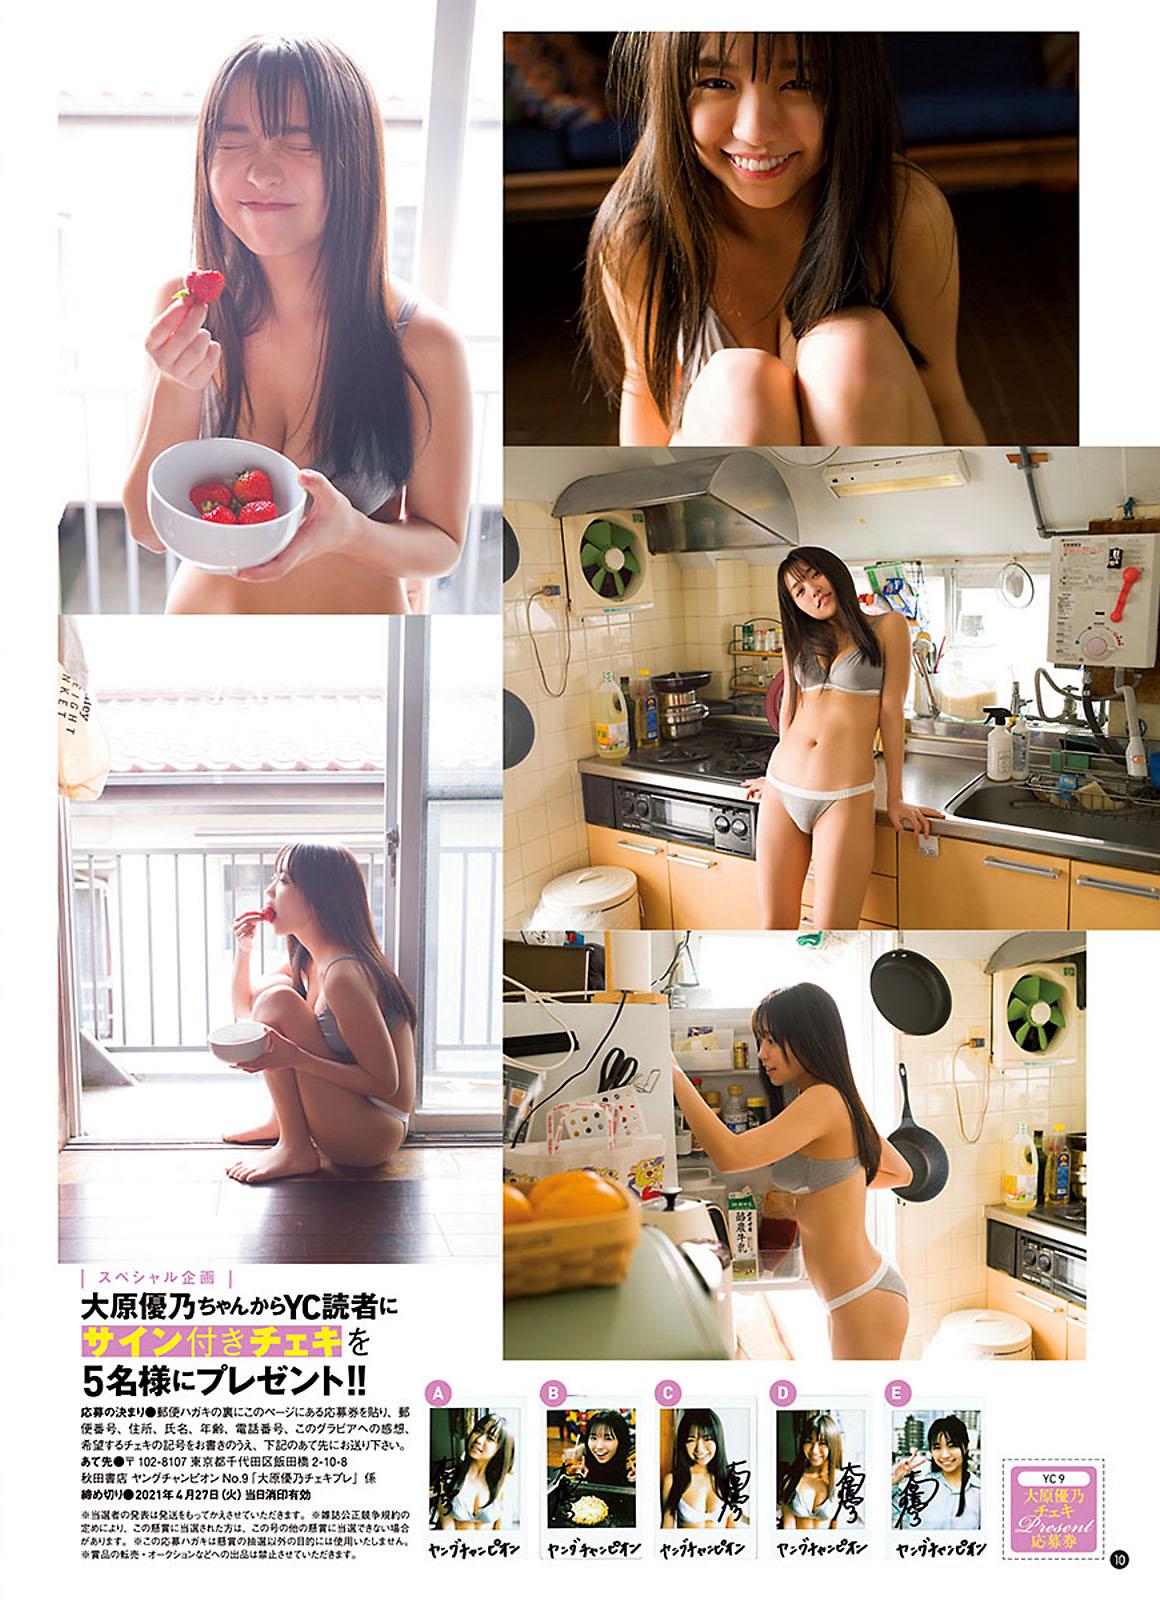 Прежде, чем вы это узнаете Yuno Ohara Young Champion 210427 08.jpg